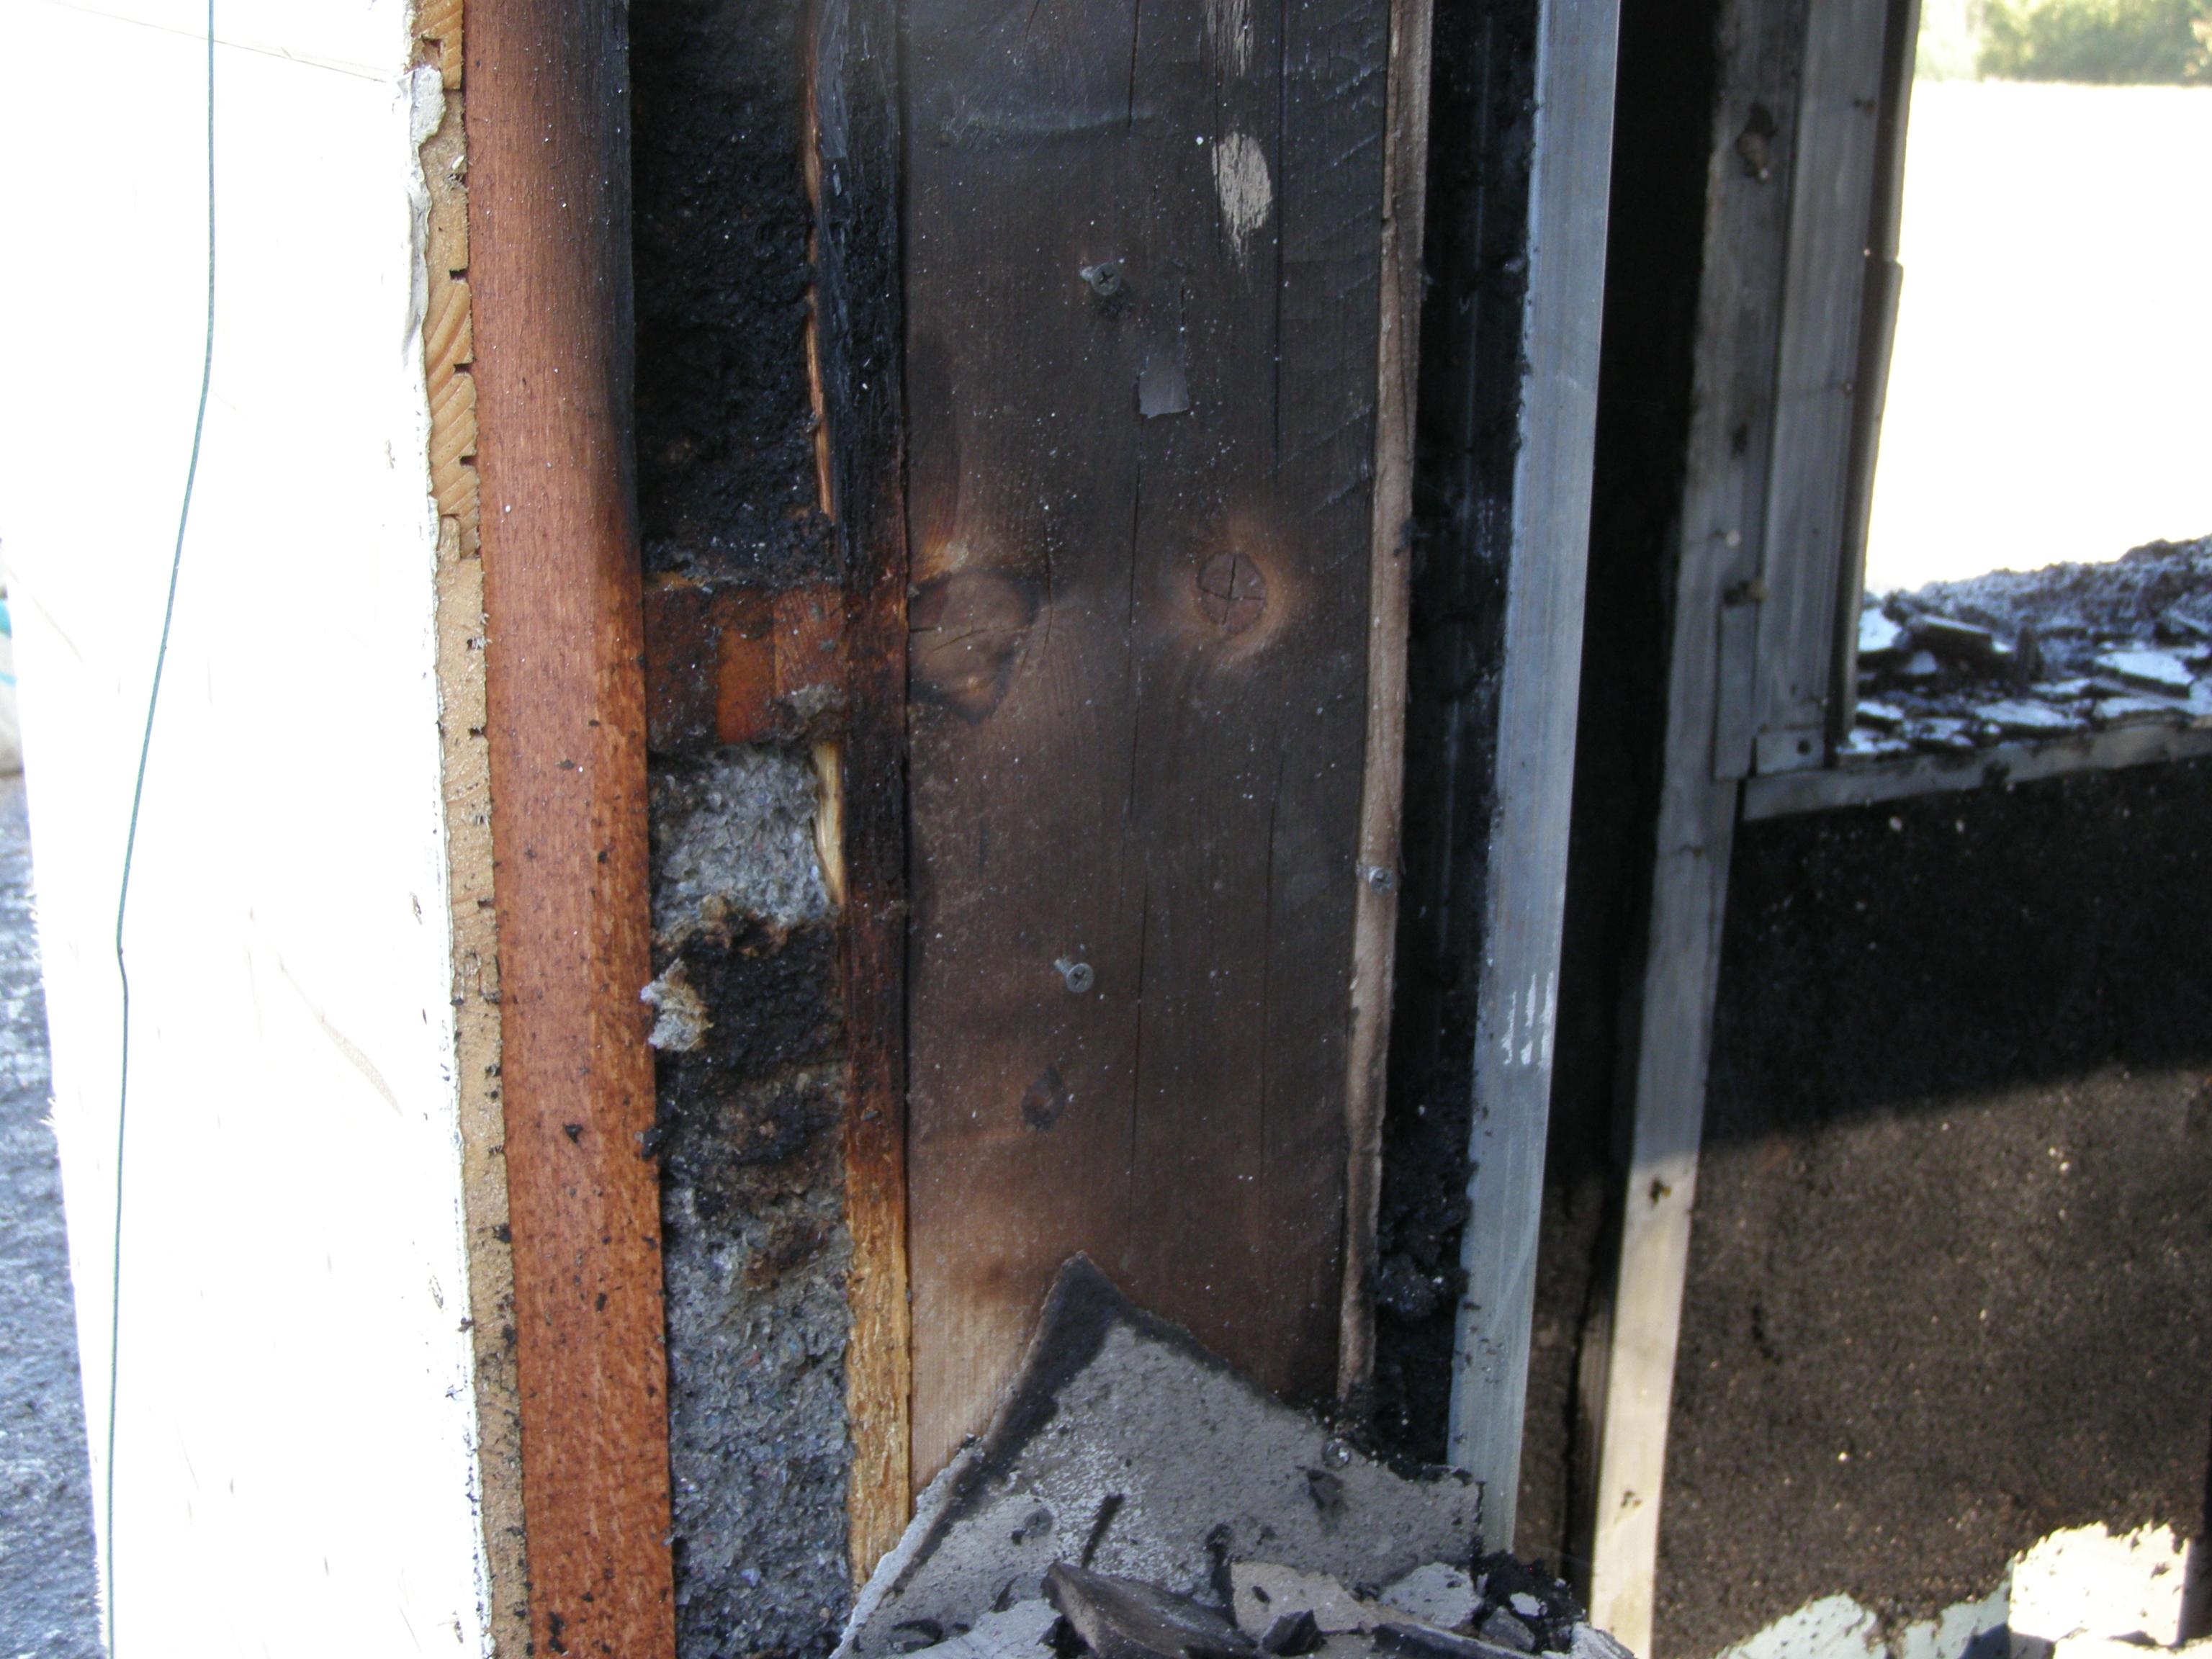 Ukázka celulózy Climacell® po 45 minutovém požáru. Na záběru můžete vidět, že celulóza začne pouze doutnat na povrchu, ale jinač zůstane zcela neporušená.